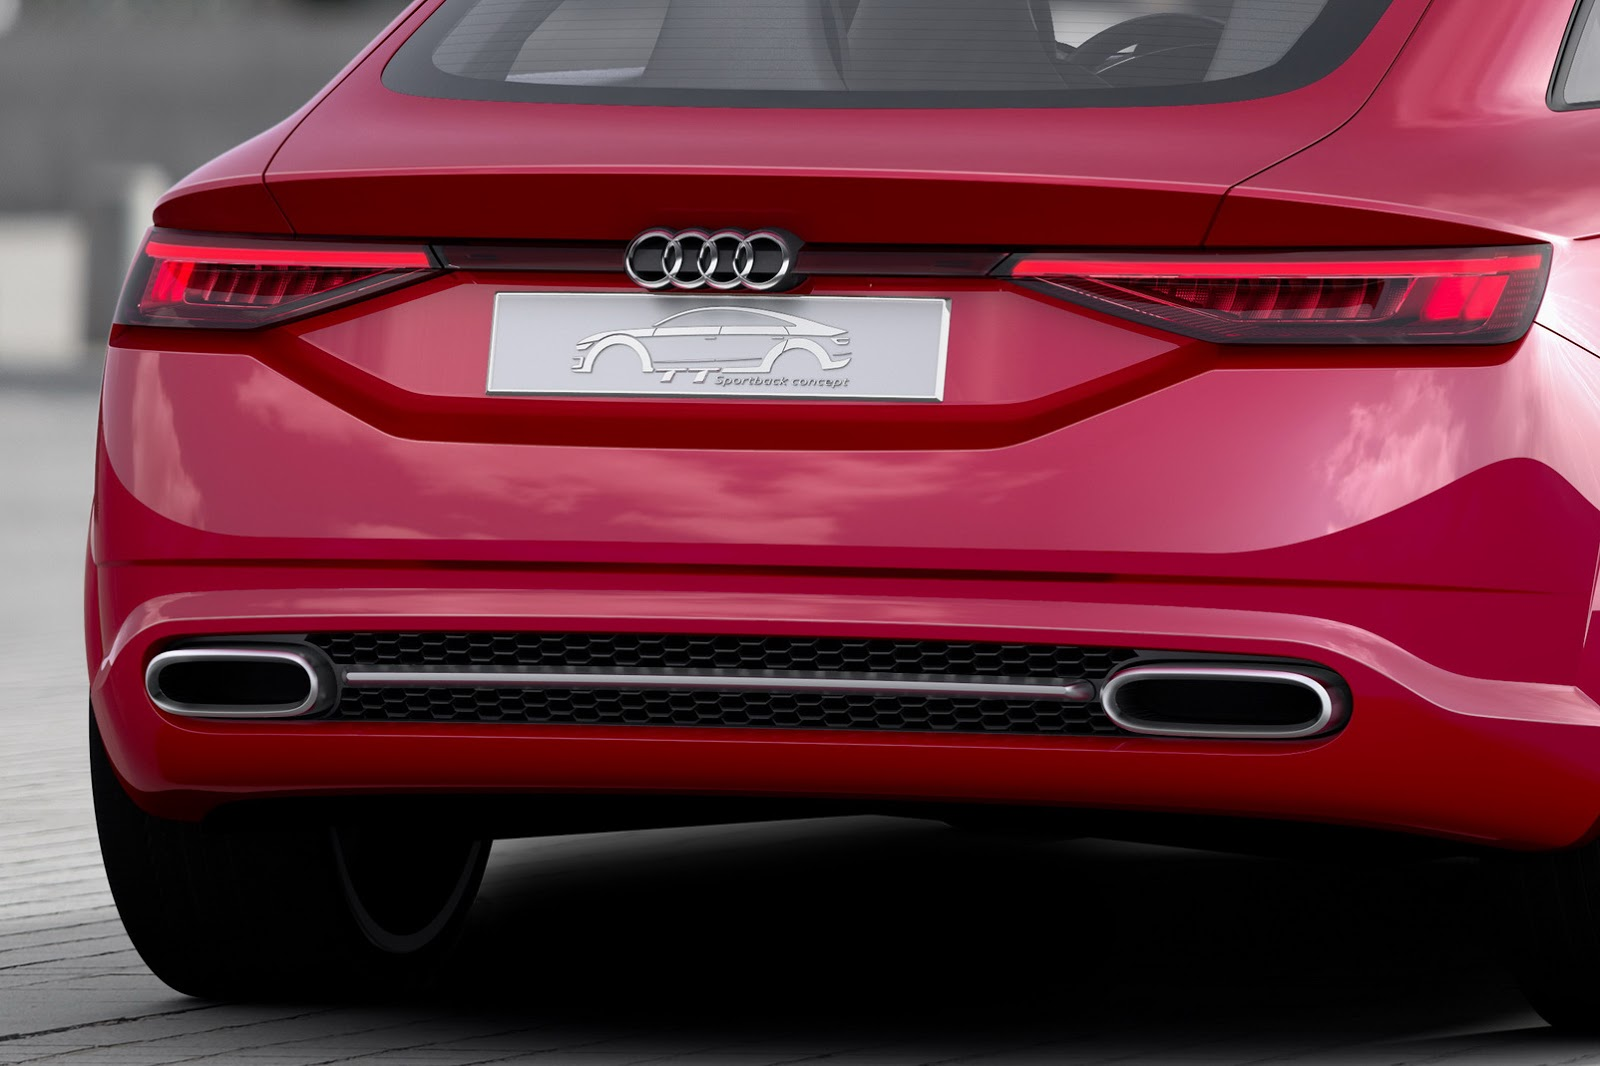 Mẫu Sportback Concept này có thiết kế đặc trưng của dòng TT